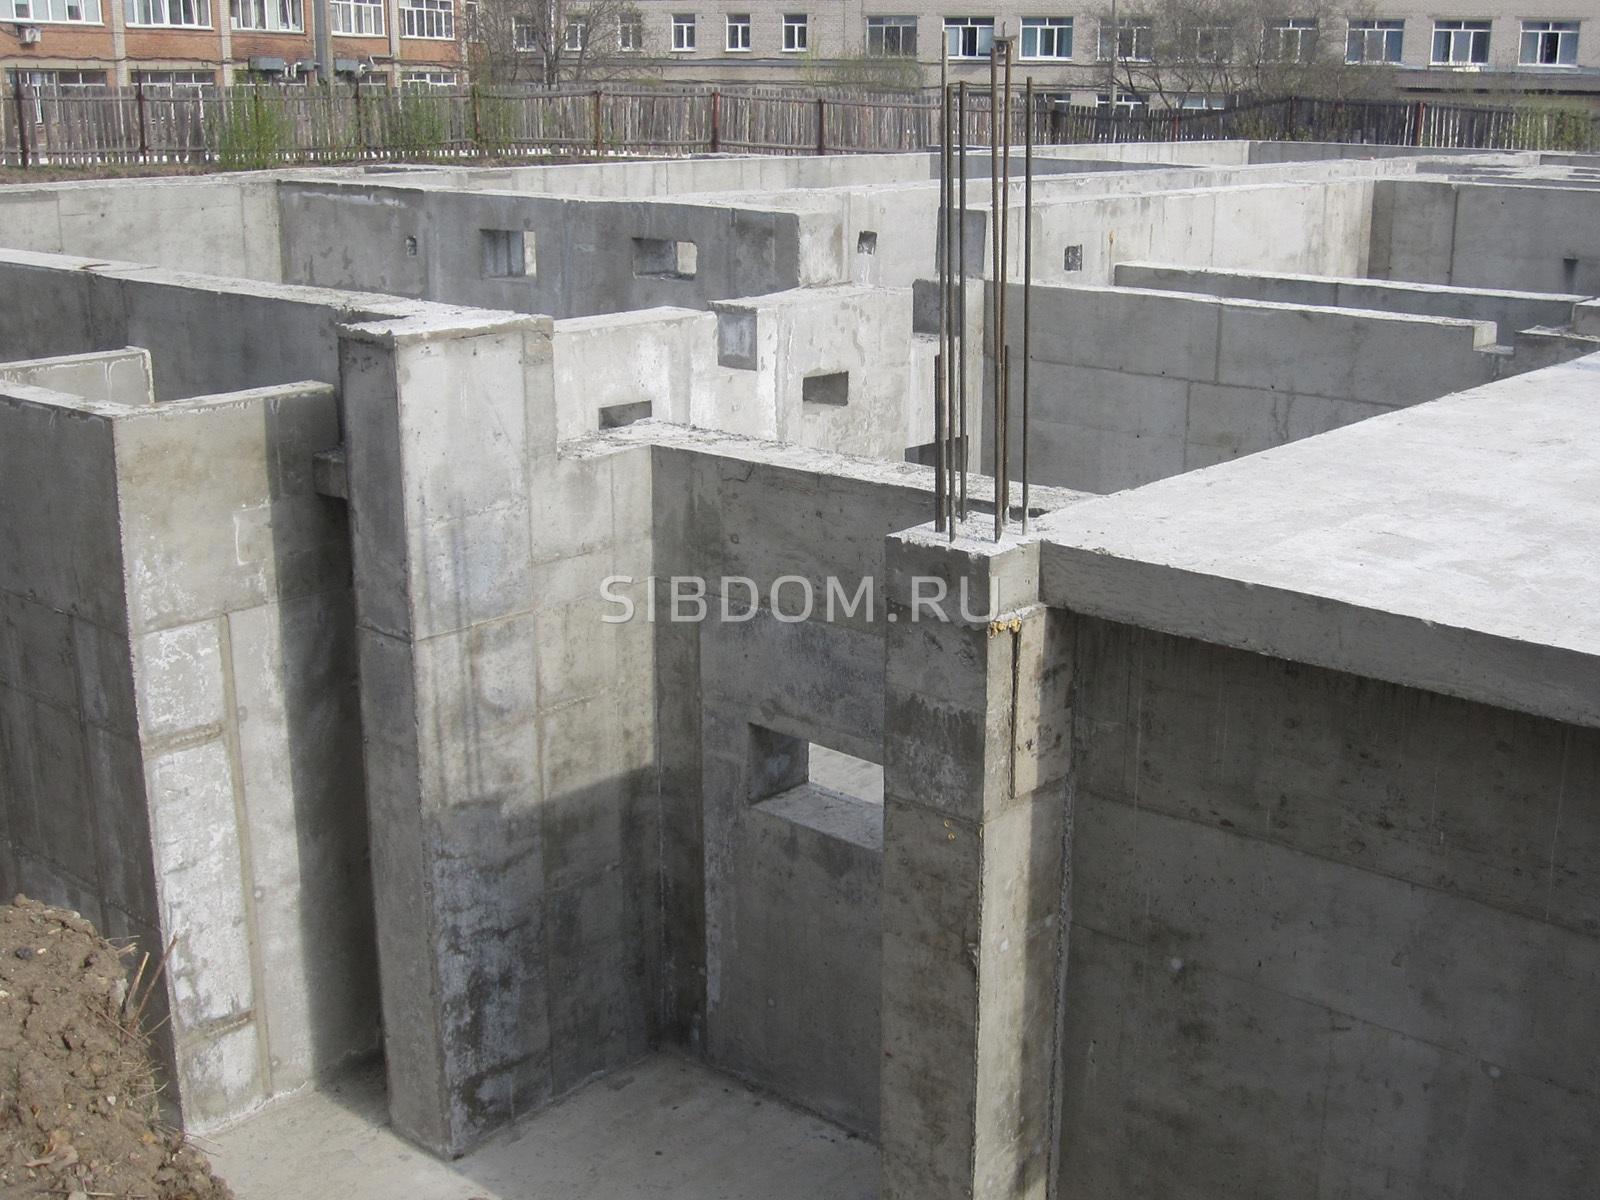 Бетон юбилейный купить штамп для печатного бетона в самаре